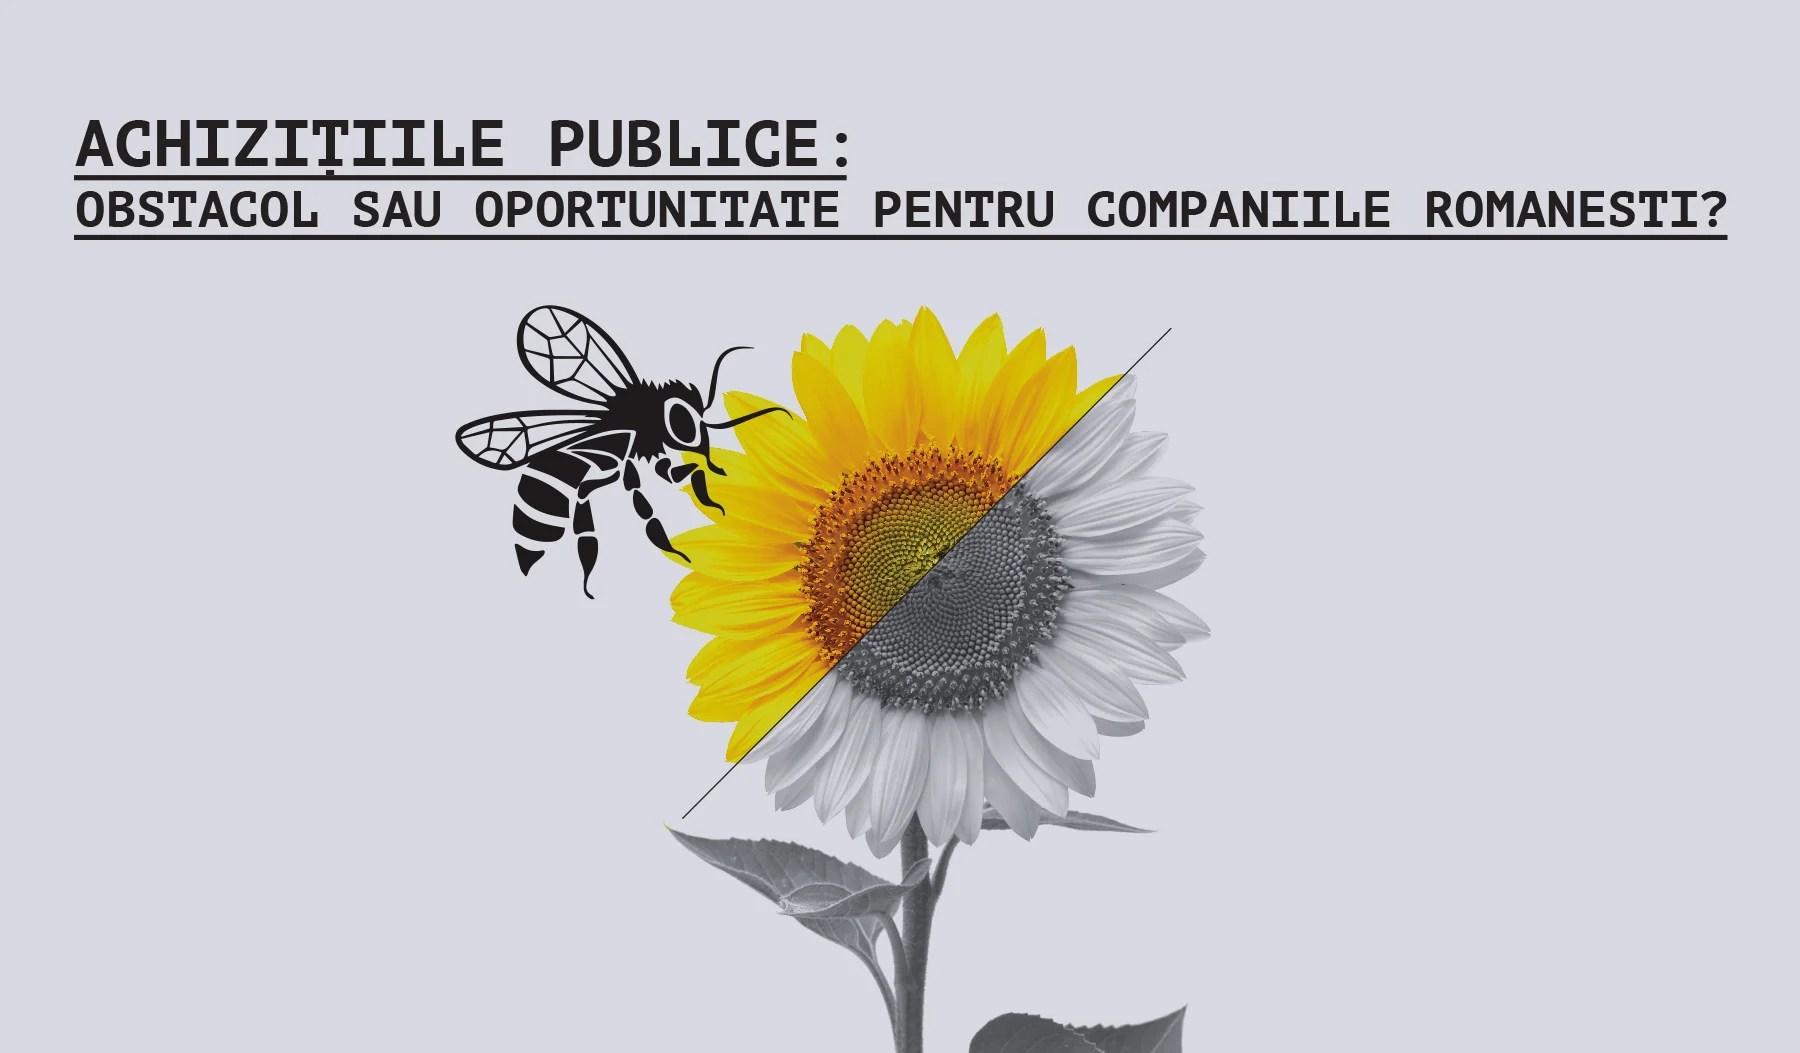 Achizițiile publice: obstacol sau oportunitate pentru companiile românești?